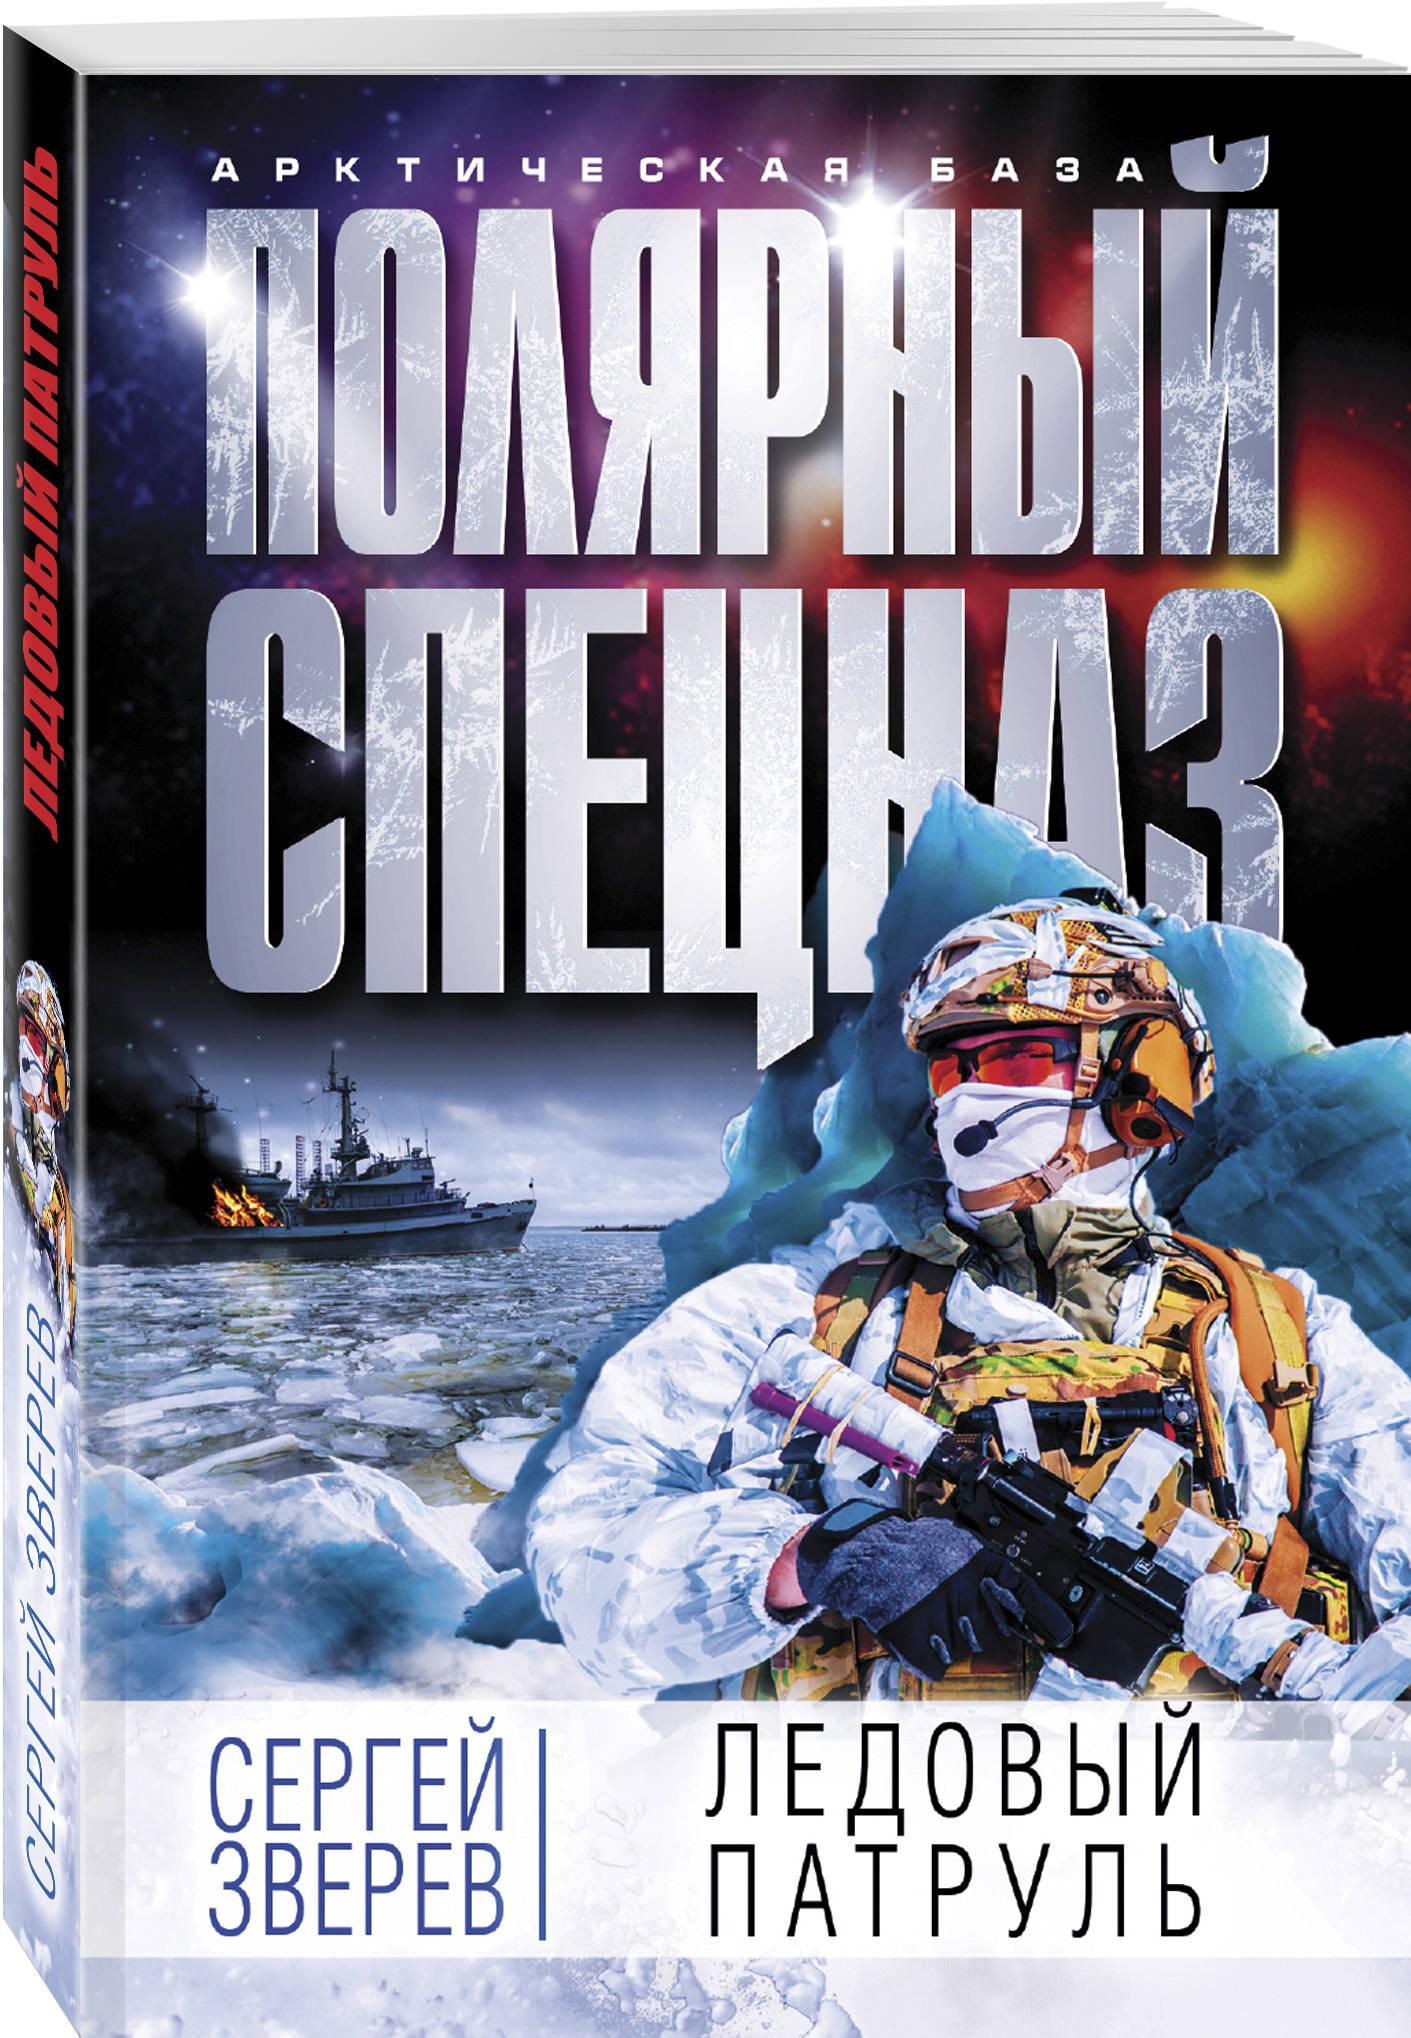 Сергей Зверев Ледовый патруль